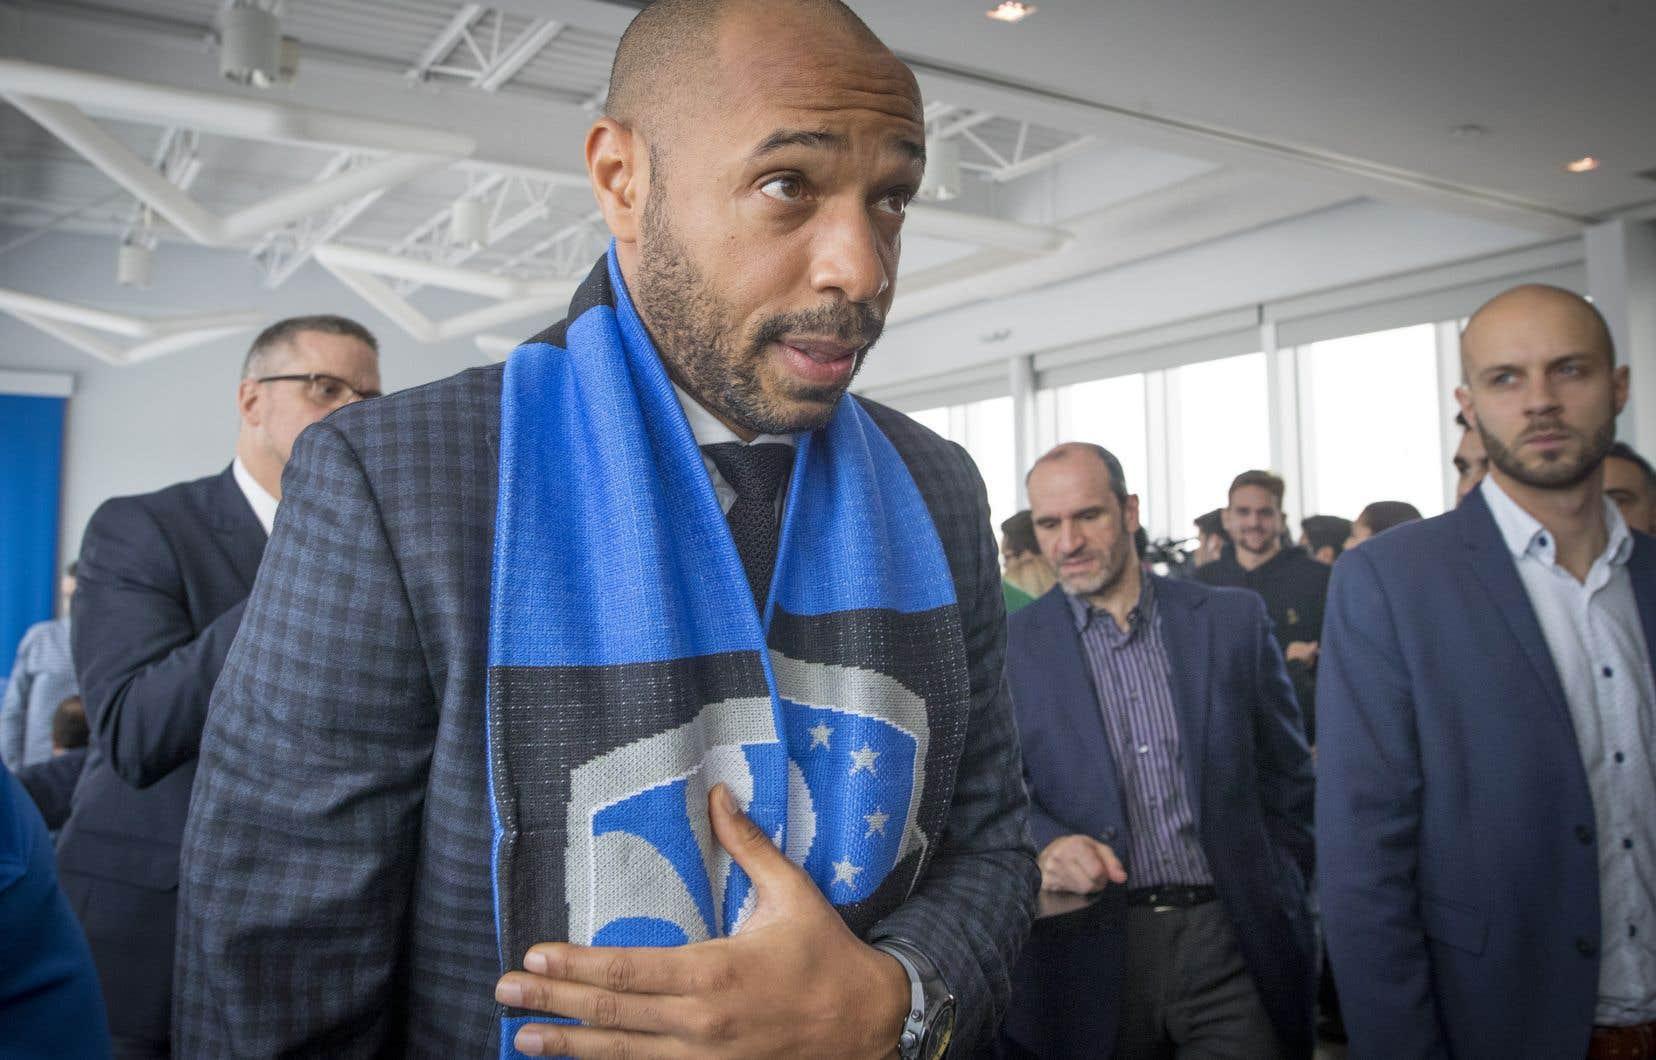 Le nouvel entraîneur-chef de l'Impact de Montréal, Thierry Henry, a été accueilli par une salle comble, lundi à Montréal.